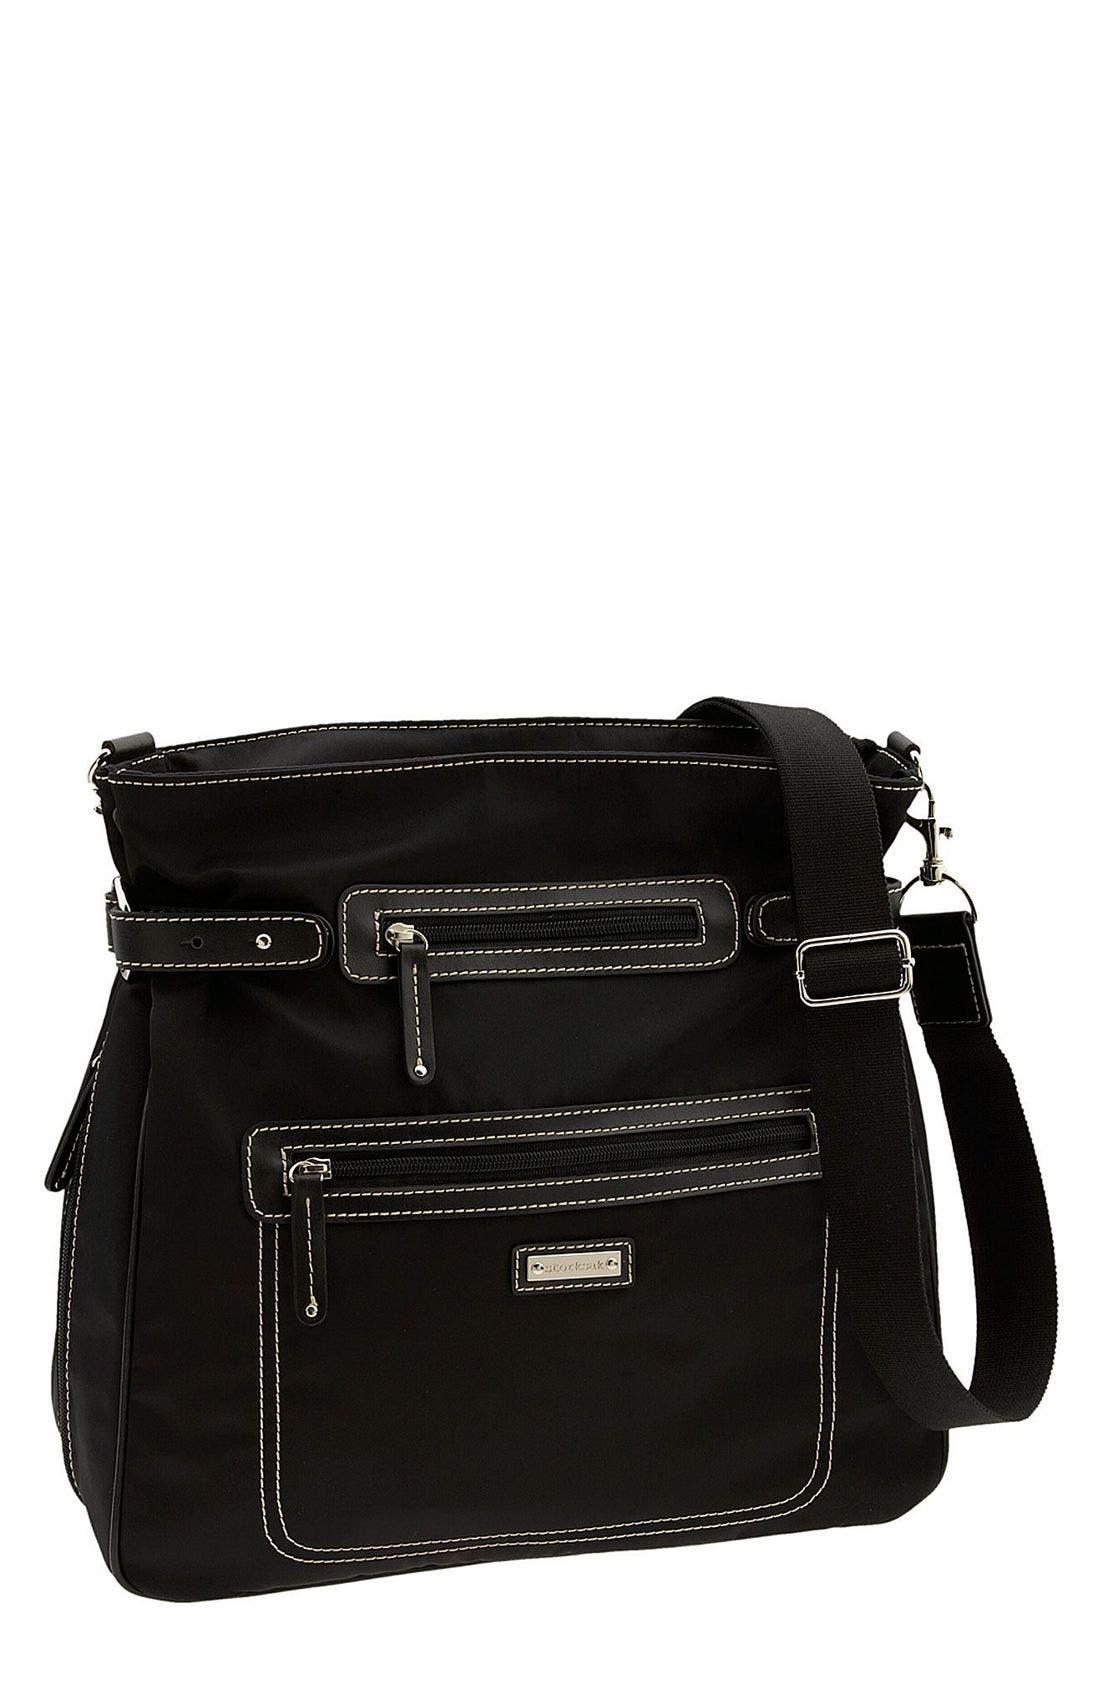 Alternate Image 1 Selected - Storksak Convertible Diaper Bag